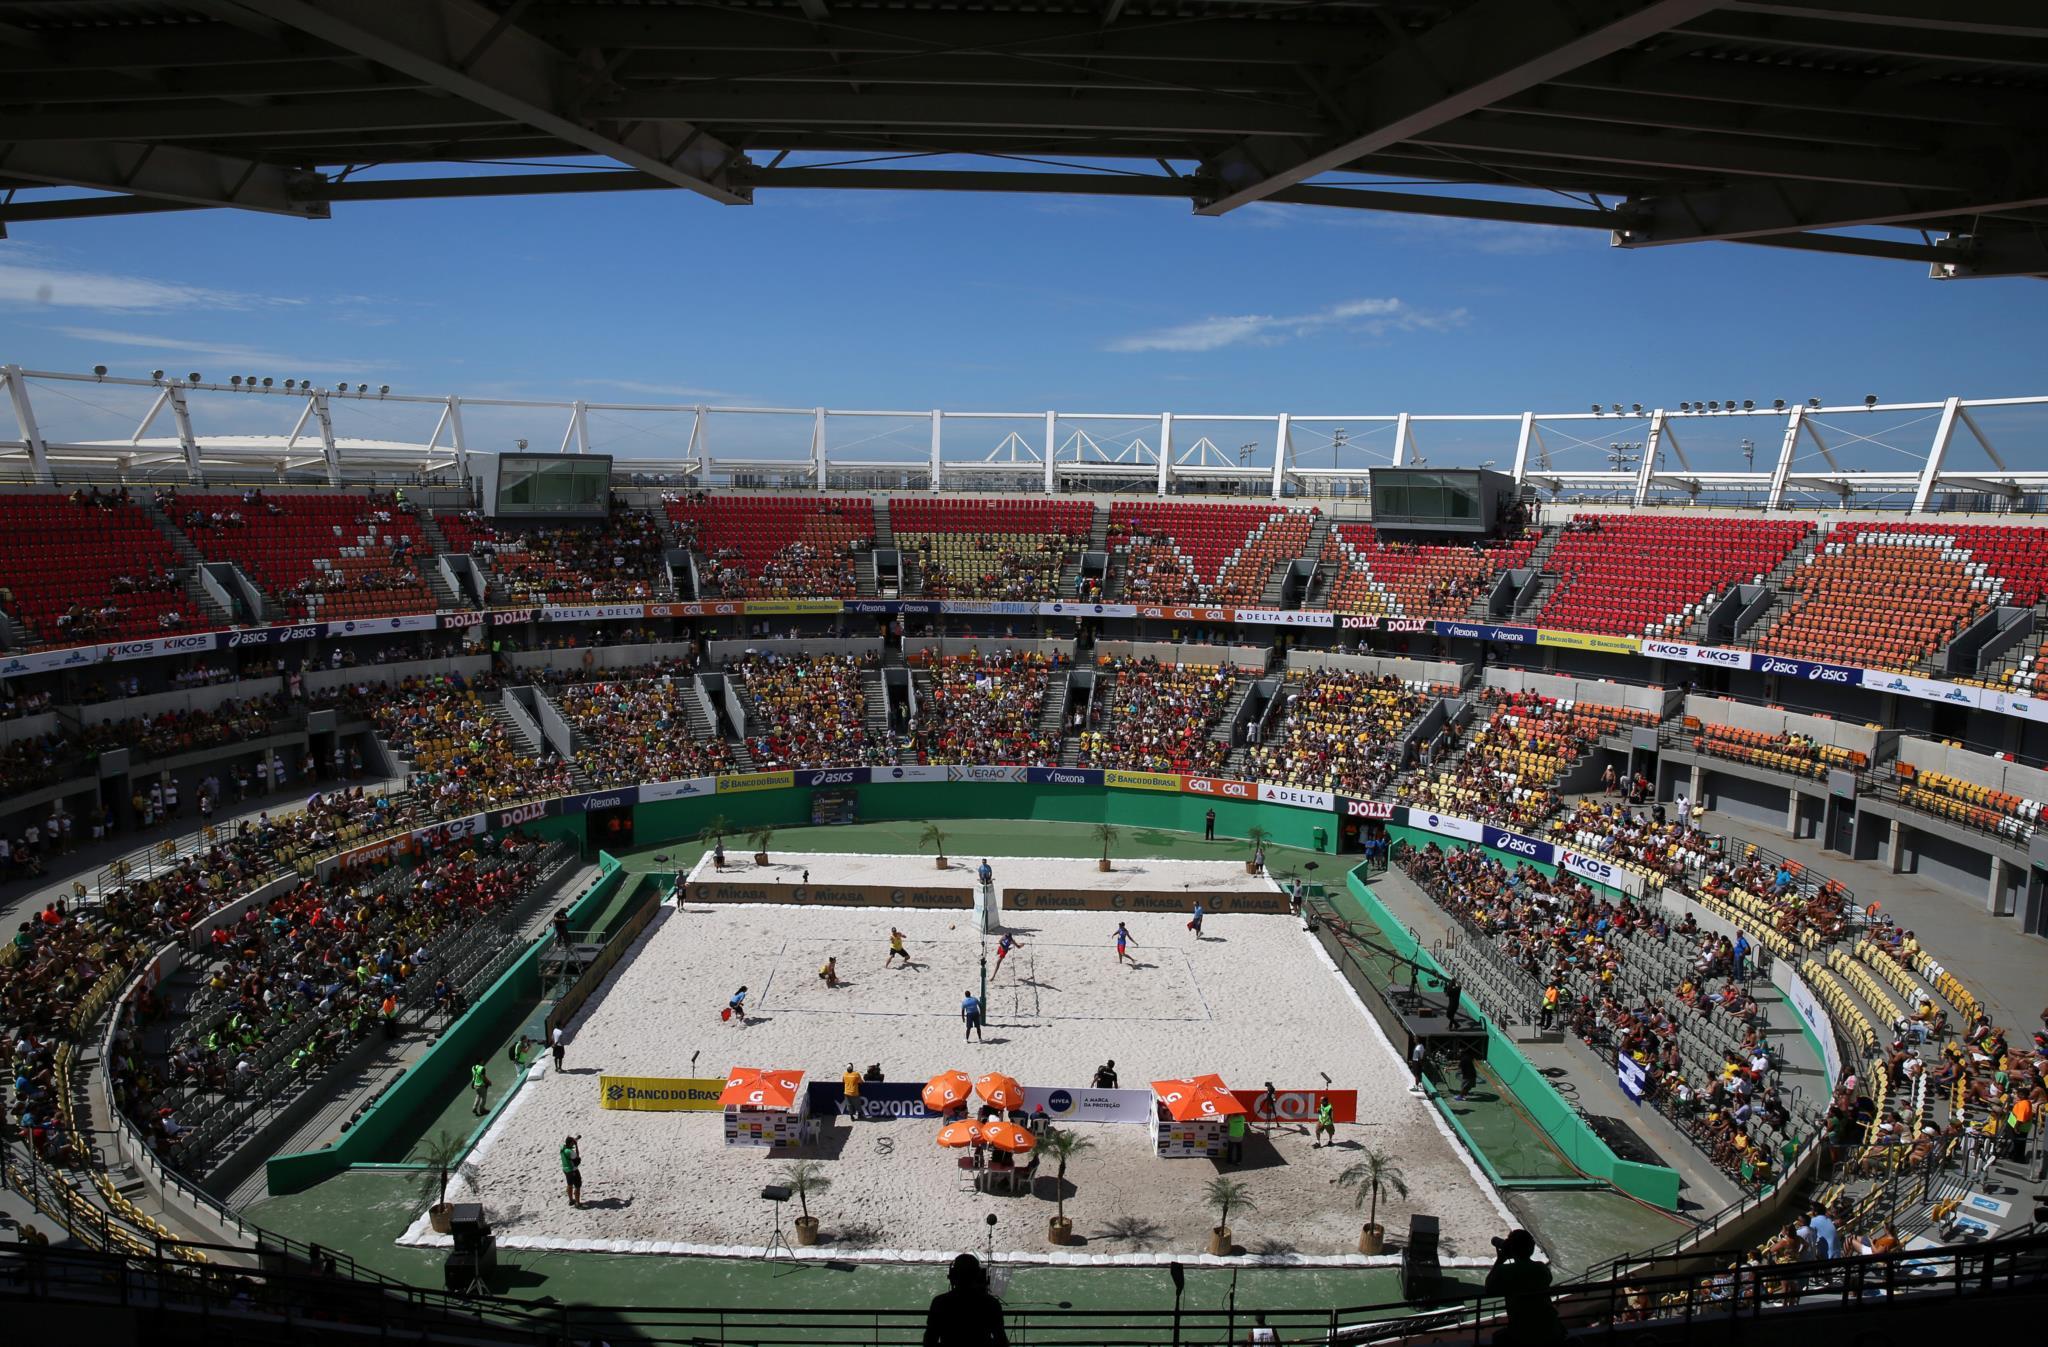 Apenas um torneio foi jogado nesta instalações e mesmo assim houve polémica porque o centro de ténis foi transformado em campo de voleibol de praia